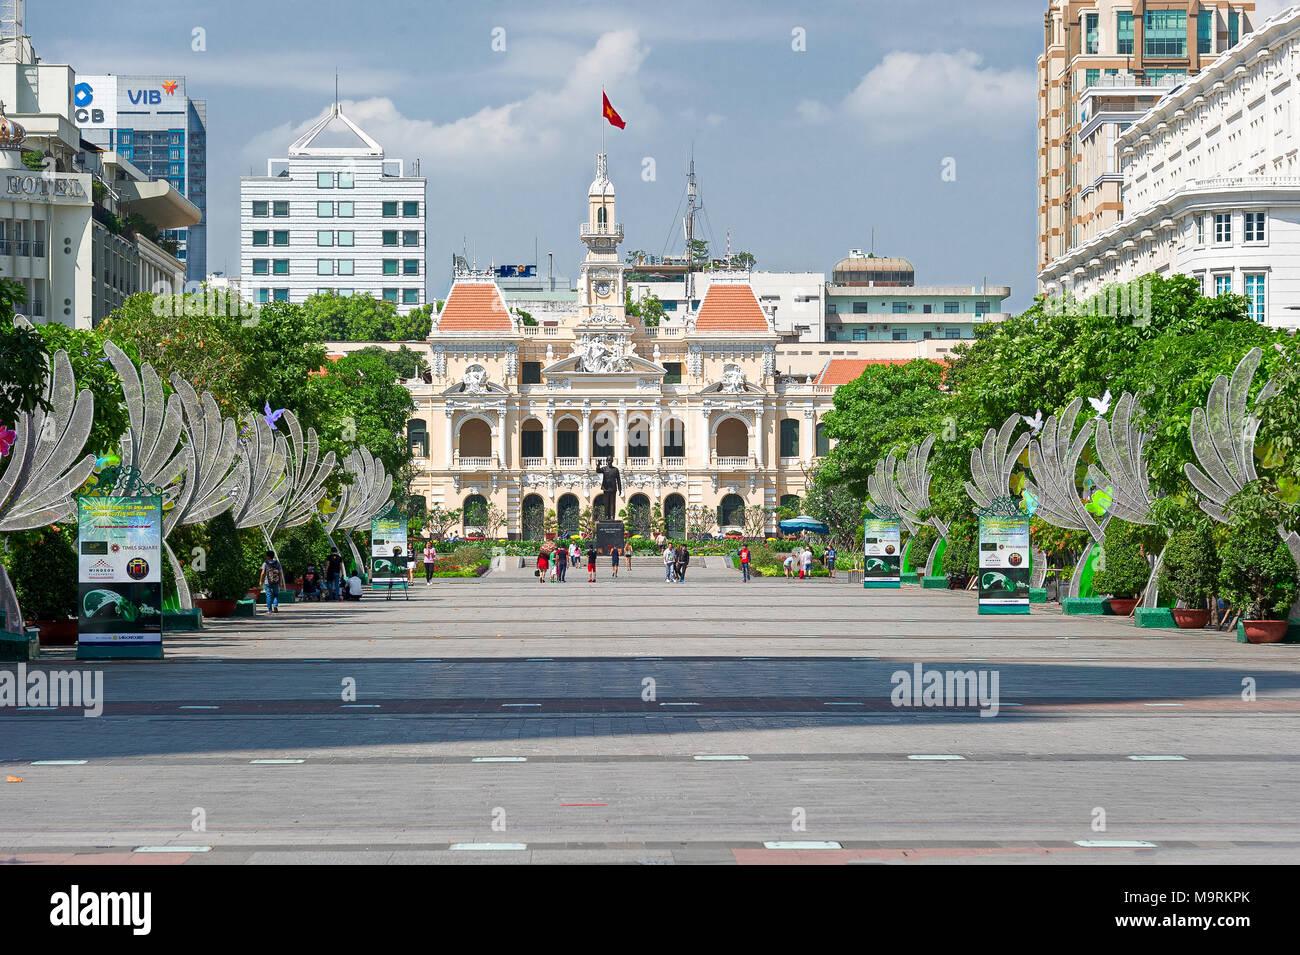 HO CHI MINH, Vietnam - Abril 9, 2017: Comité del Pueblo Oficina principal Foto de stock